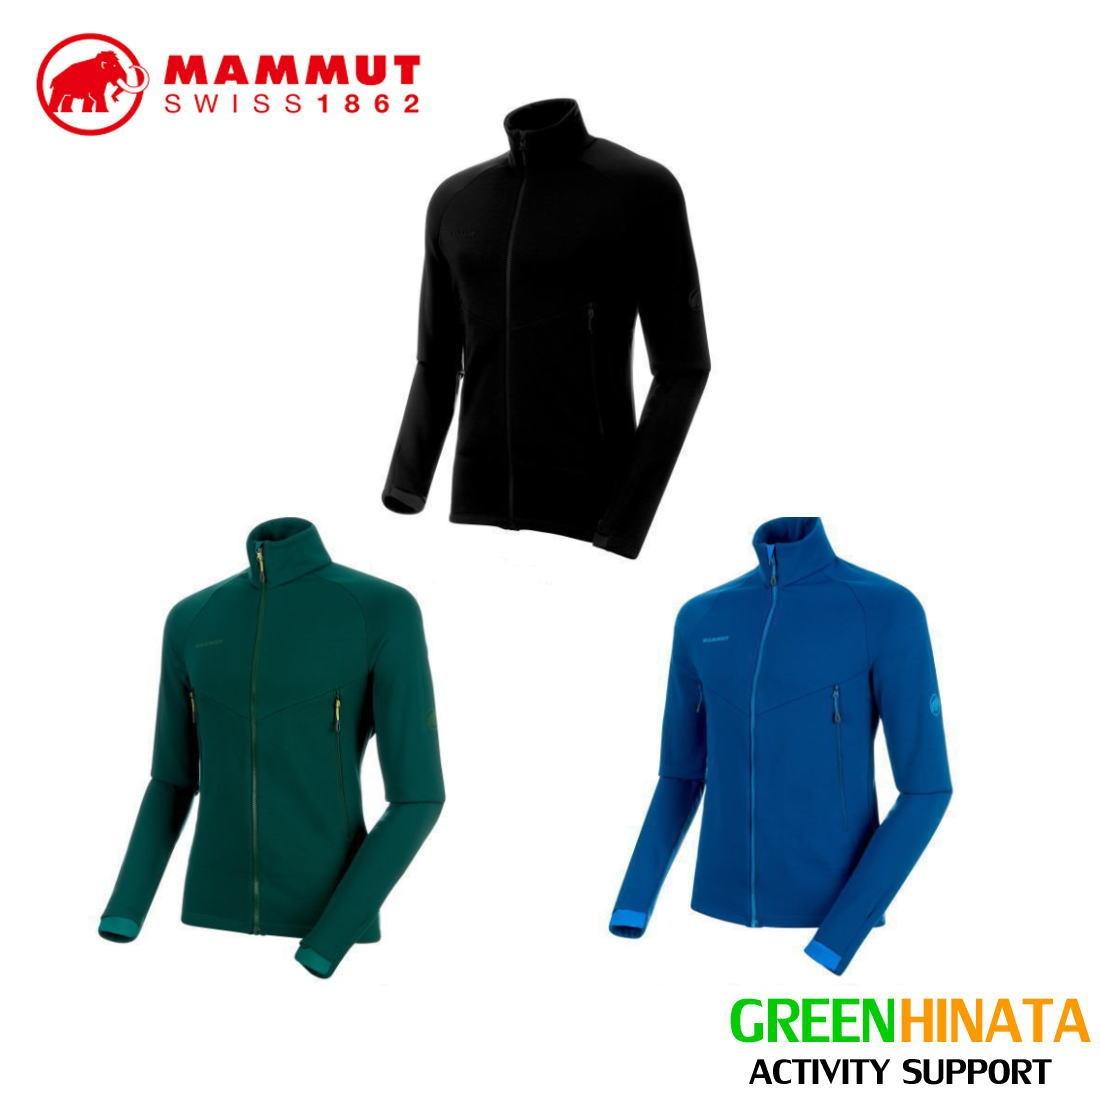 【国内正規品】 マムート アコンカグア ML ジャケット メンズ メンズウエア MAMMUT Aconcagua ML Jacket Men